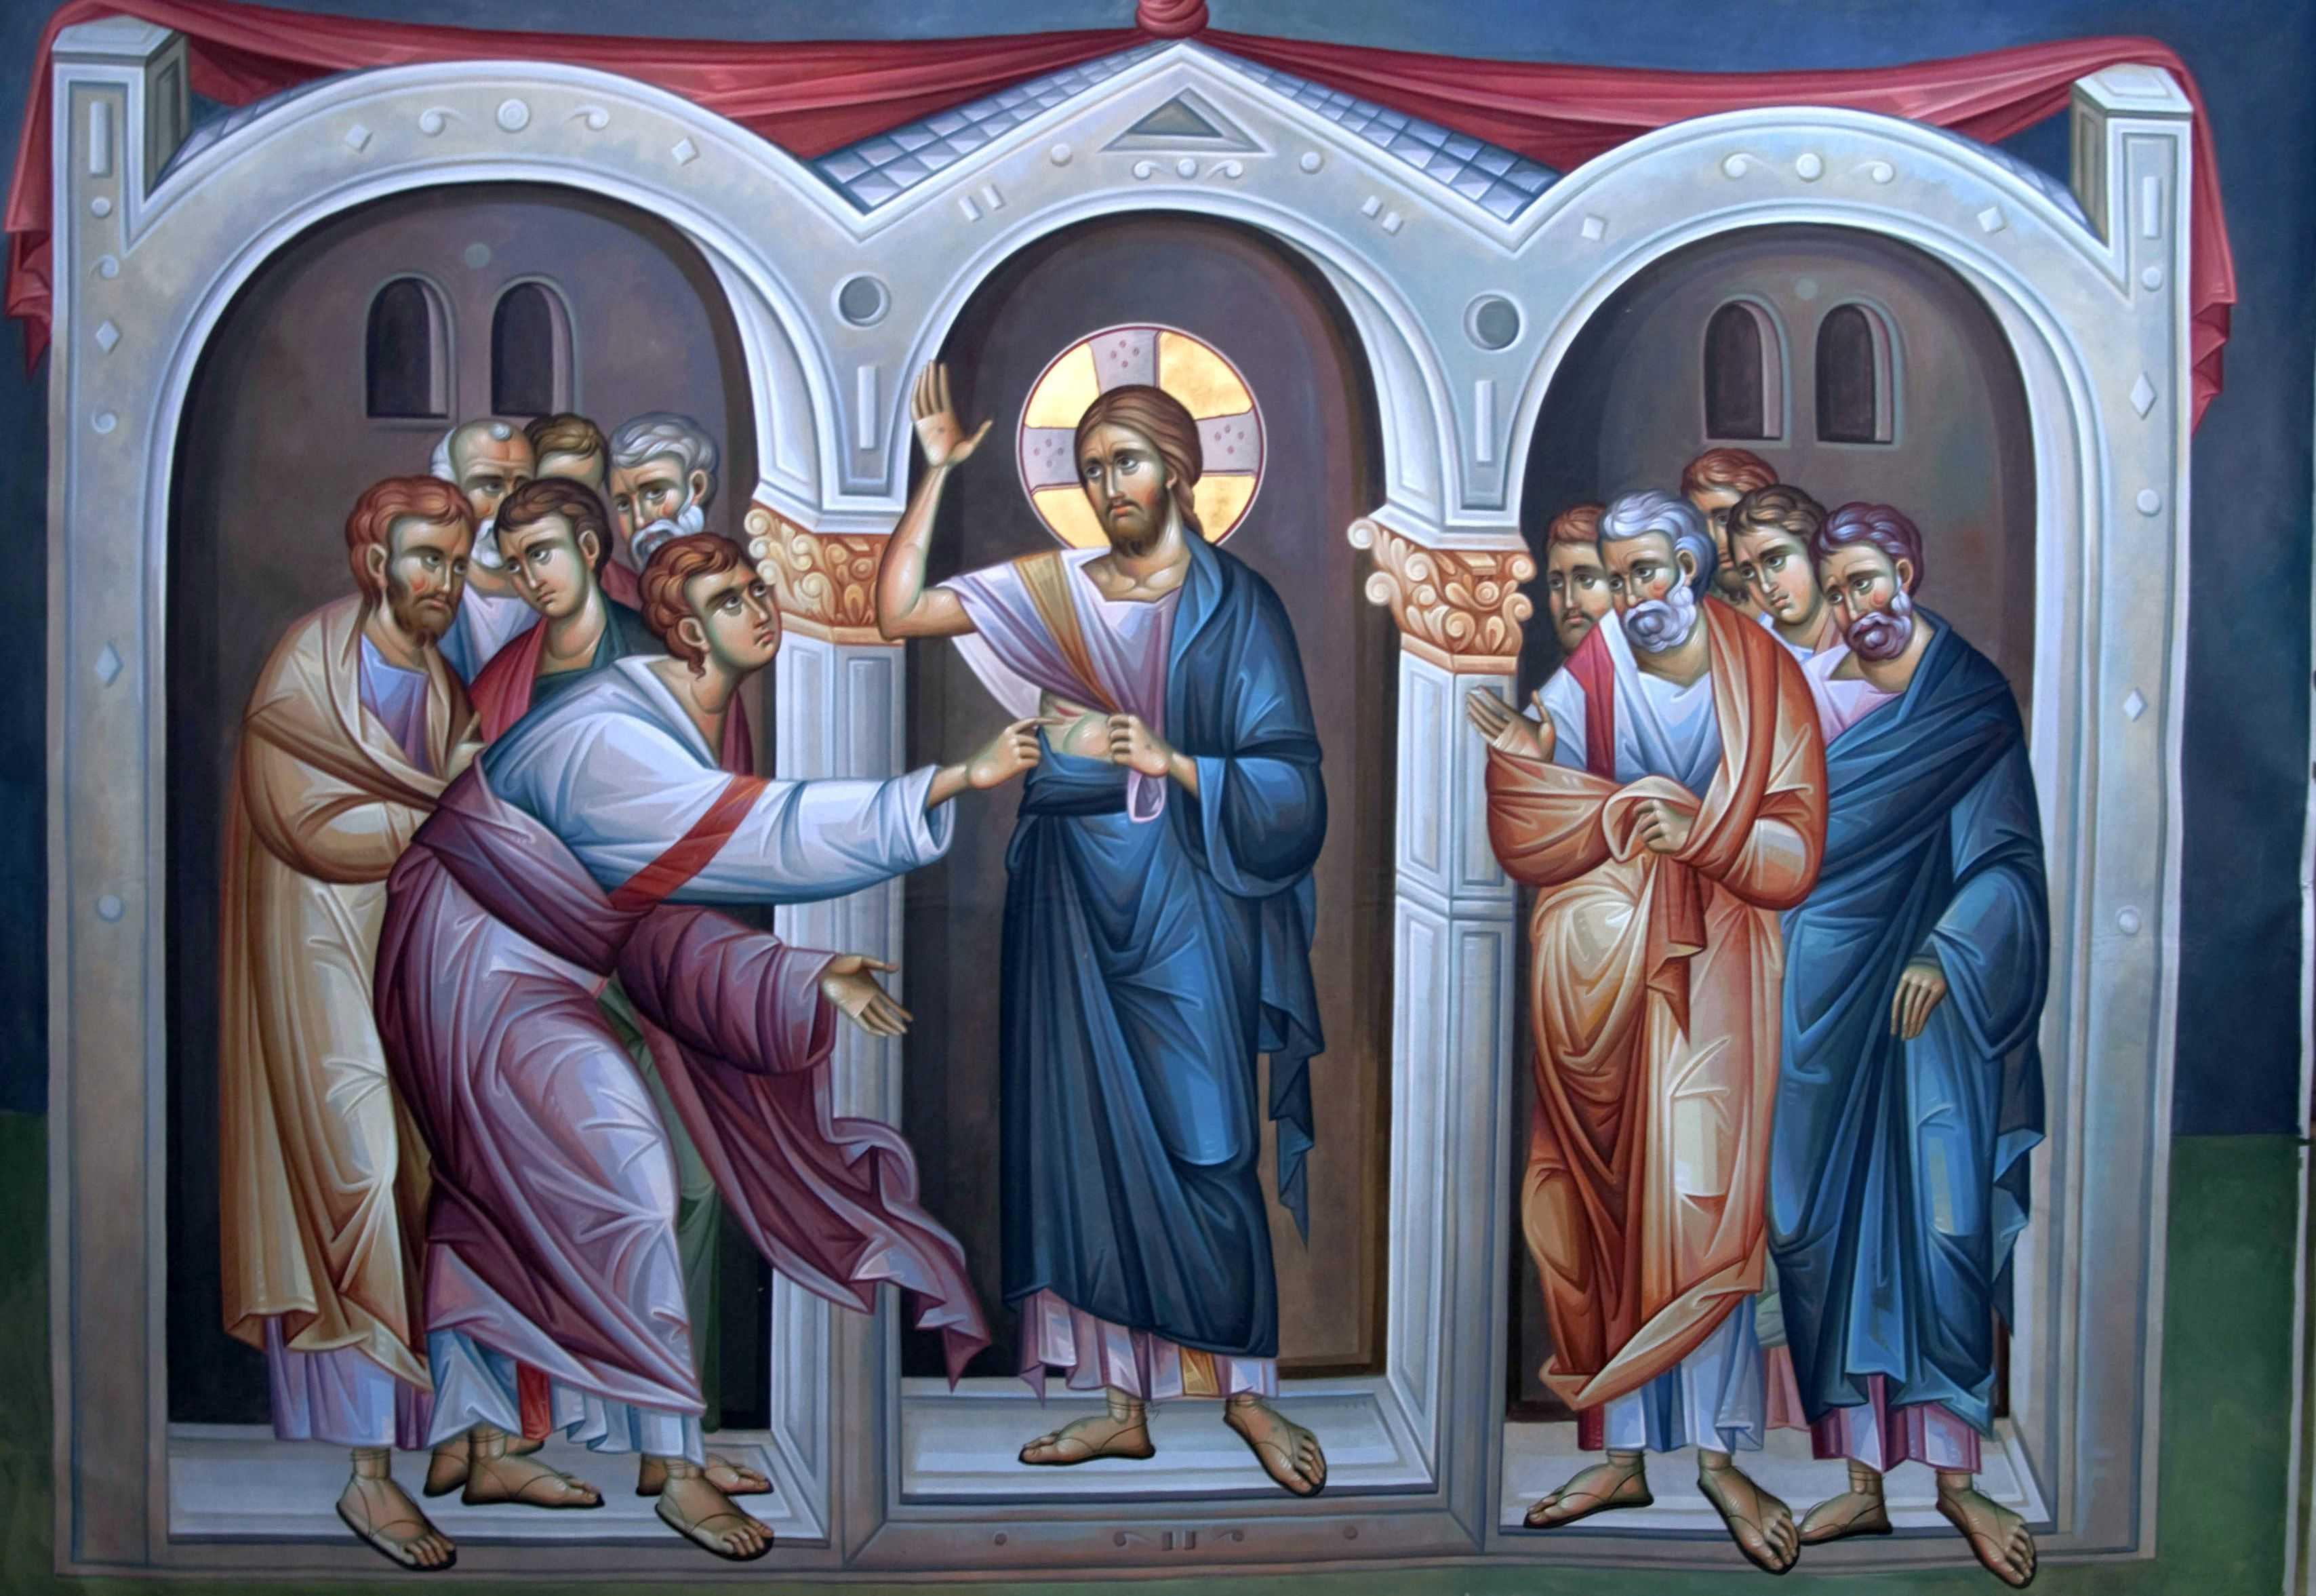 <i>Cum sa pregatim loc descoperirii lui Dumnezeu in inima noastra?</i> &#8211; CAUTAREA SI DORUL ARZATOR DUPA LEGATURA VIE SI PERSONALA CU DUMNEZEU, DEPASIND OBISNUINTELE FORMALISMULUI RELIGIOS. Omilie exceptionala la Duminica Tomei